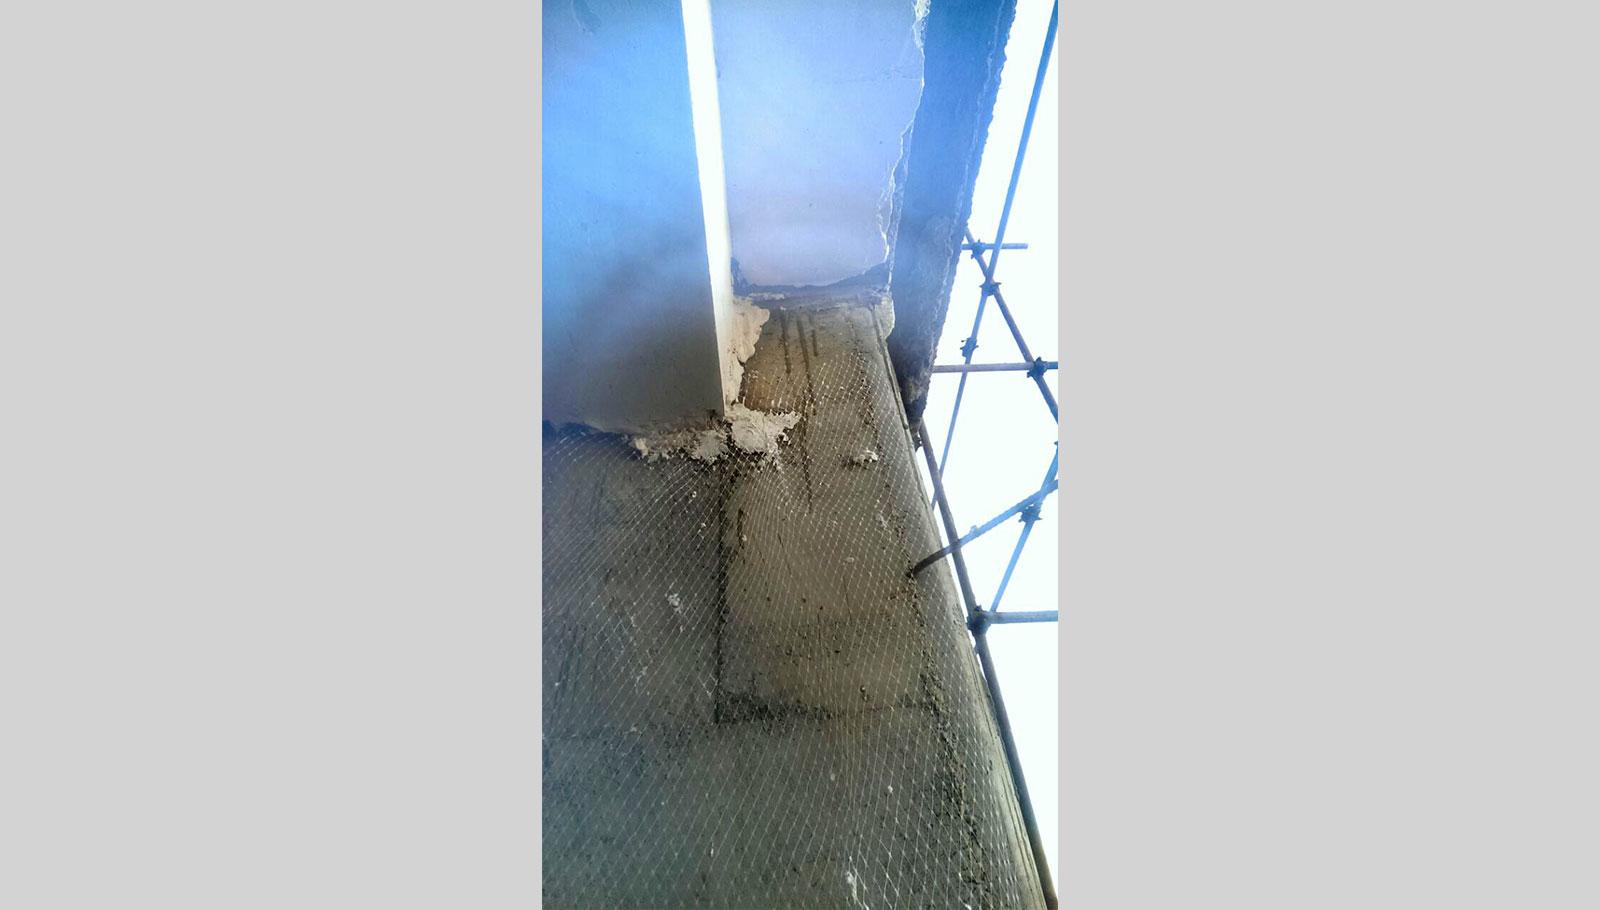 نصب شبکه زیر گچی روی دیوار سیمانی